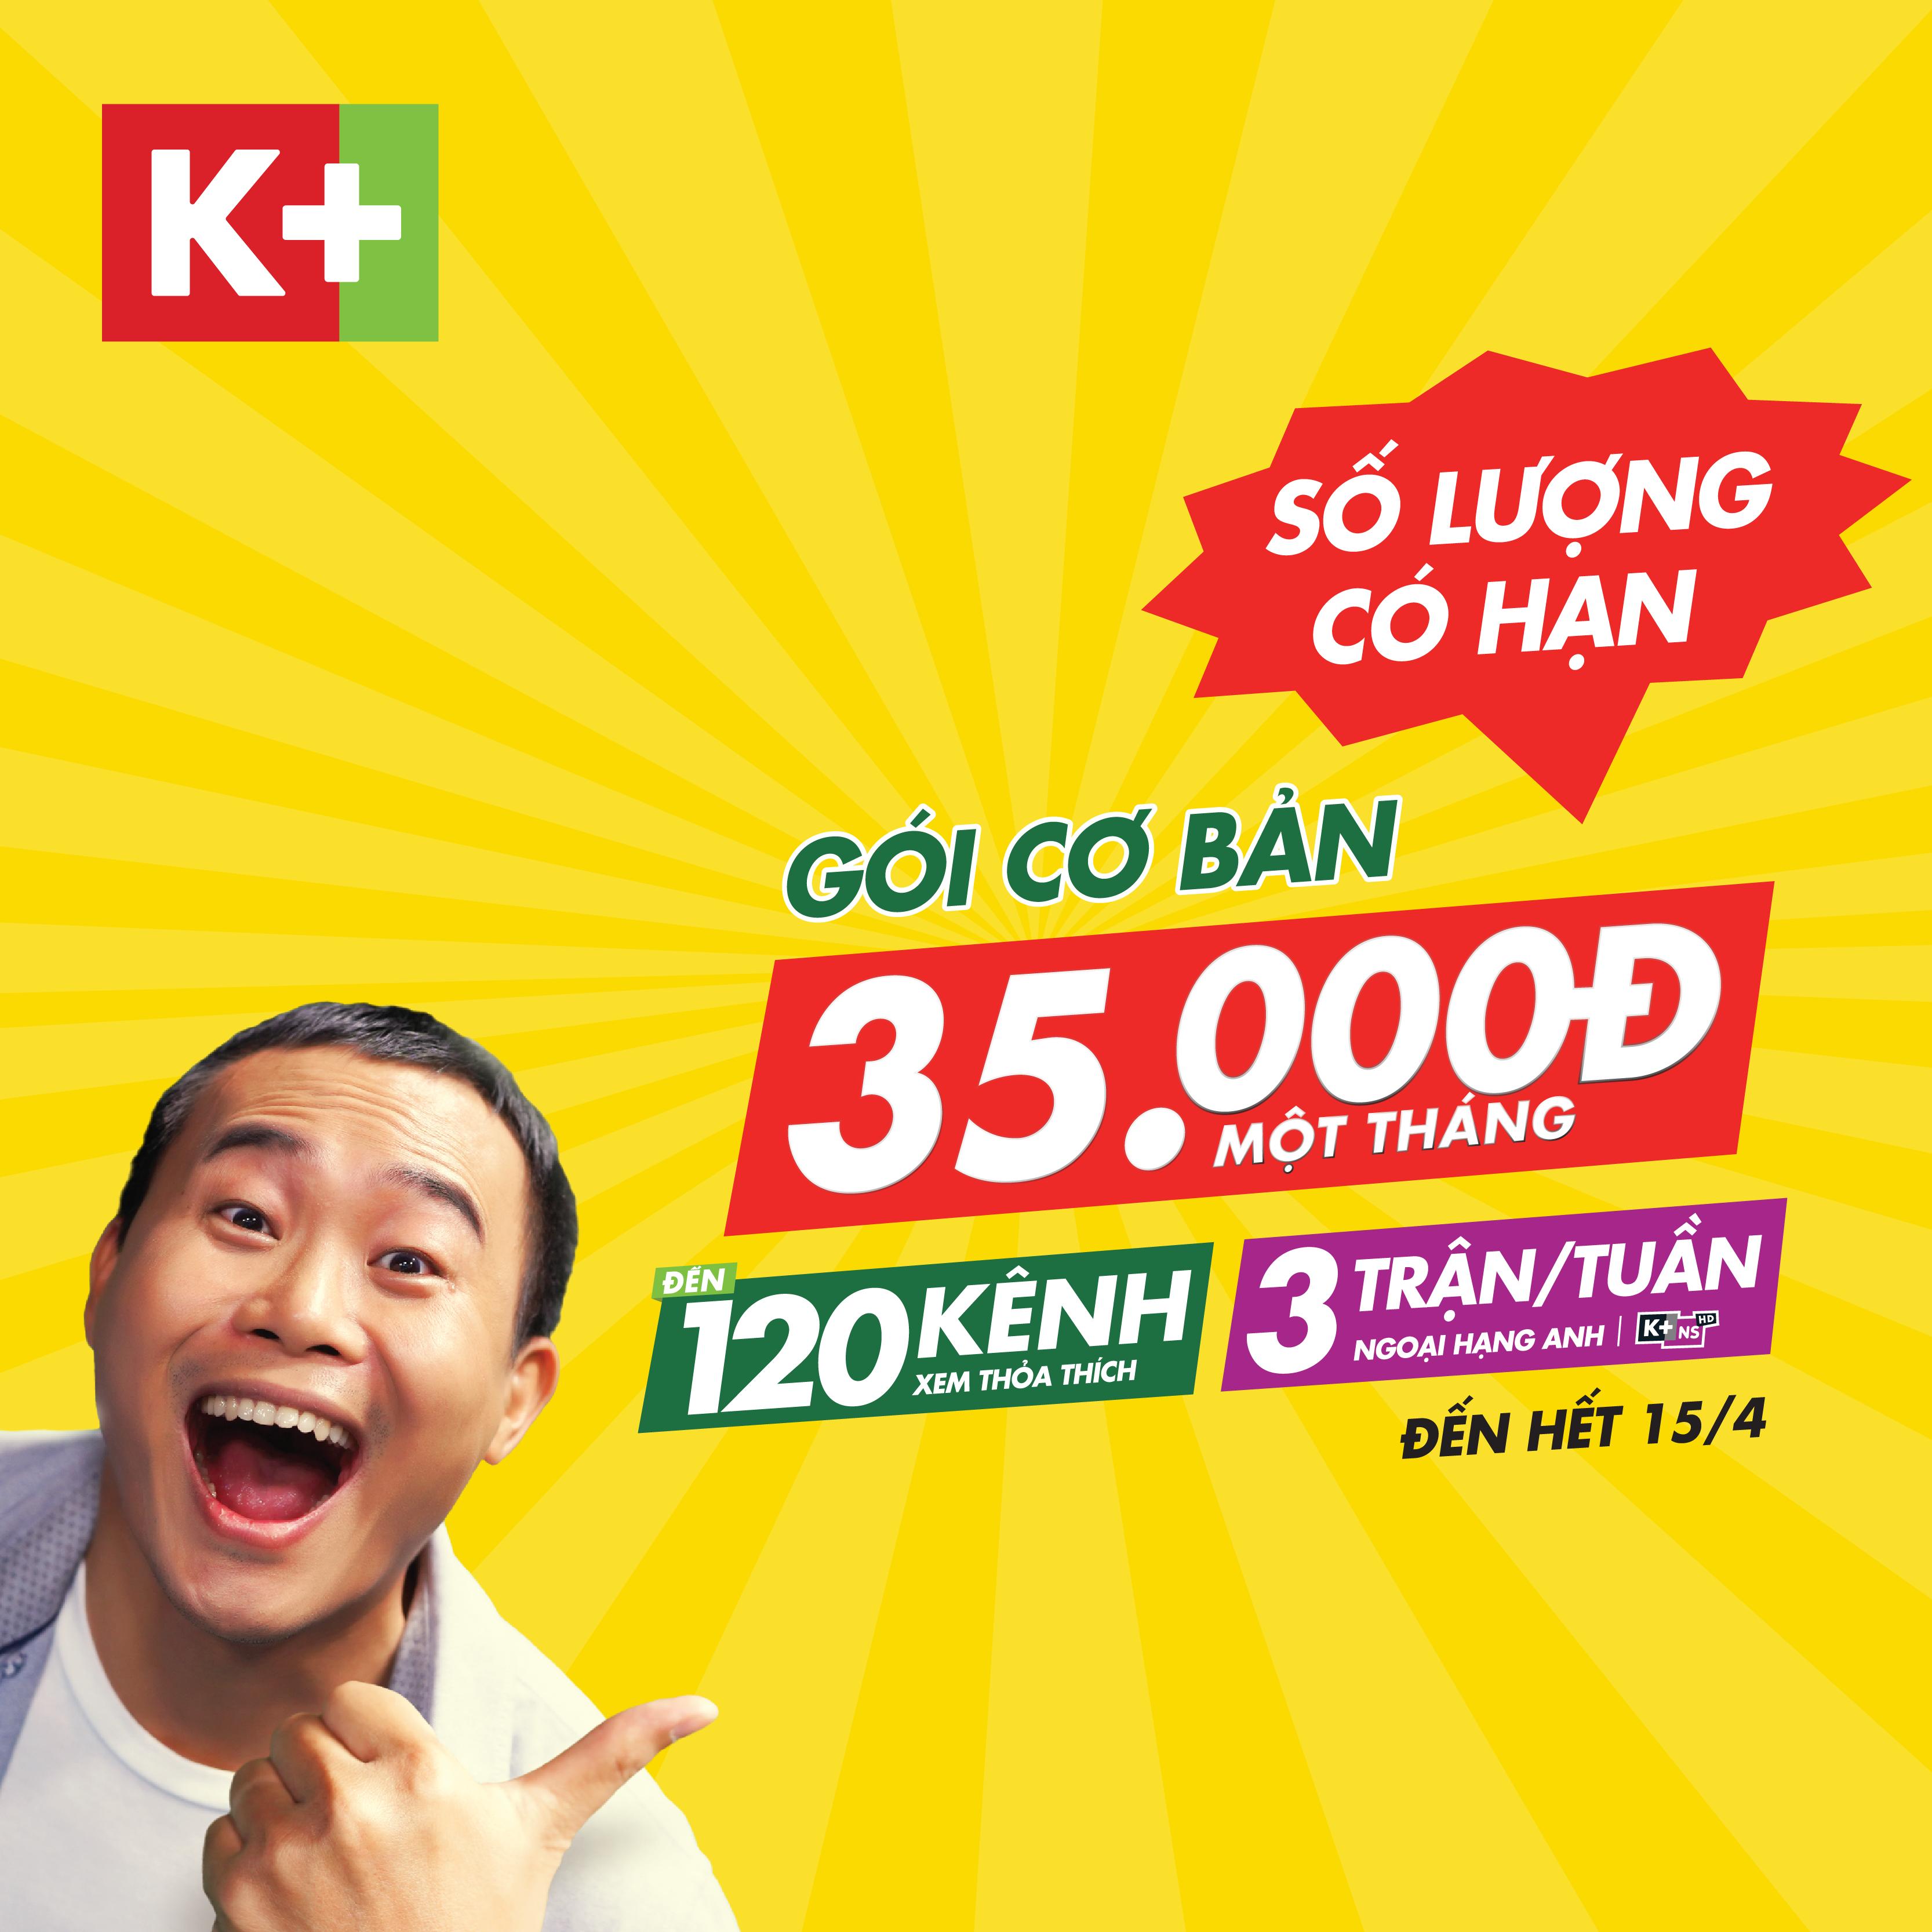 Lắp truyền hình K+ gói cơ bản chỉ 35,000đ